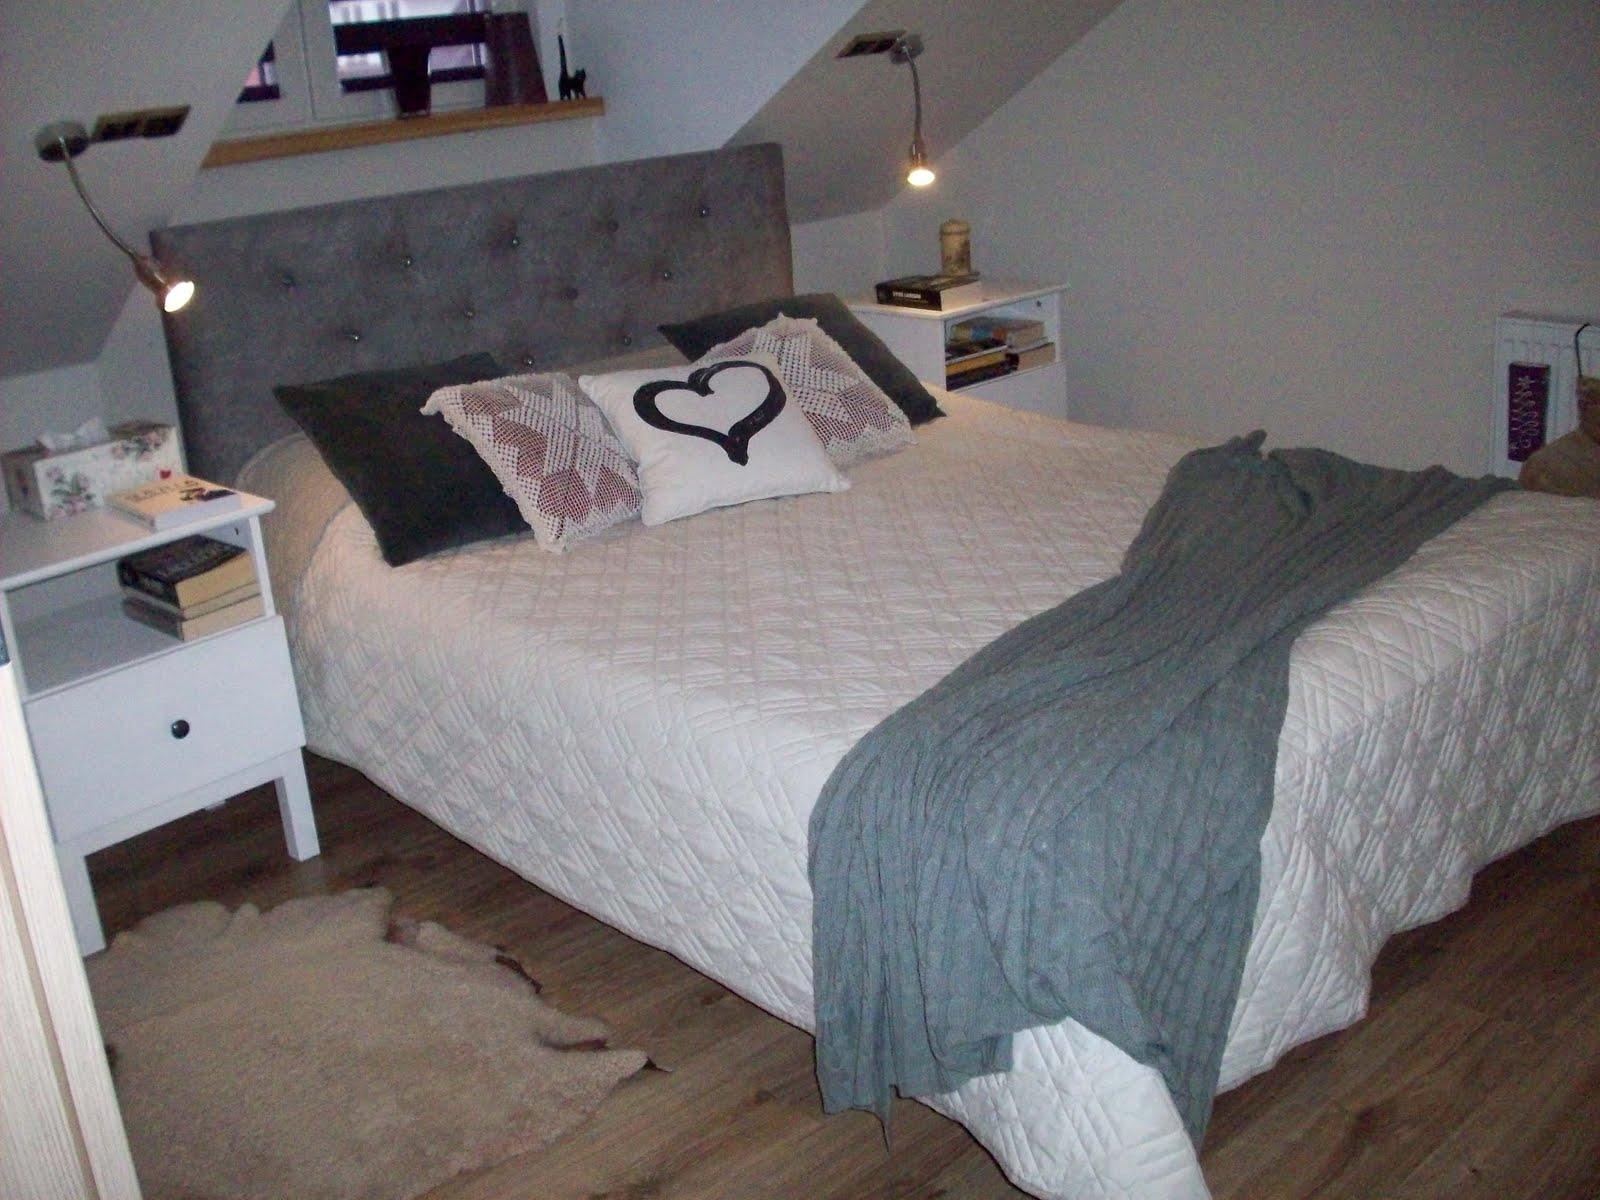 Lifting Sypialni łóżko Z Zagłówkiem Diy Jak Zrobić